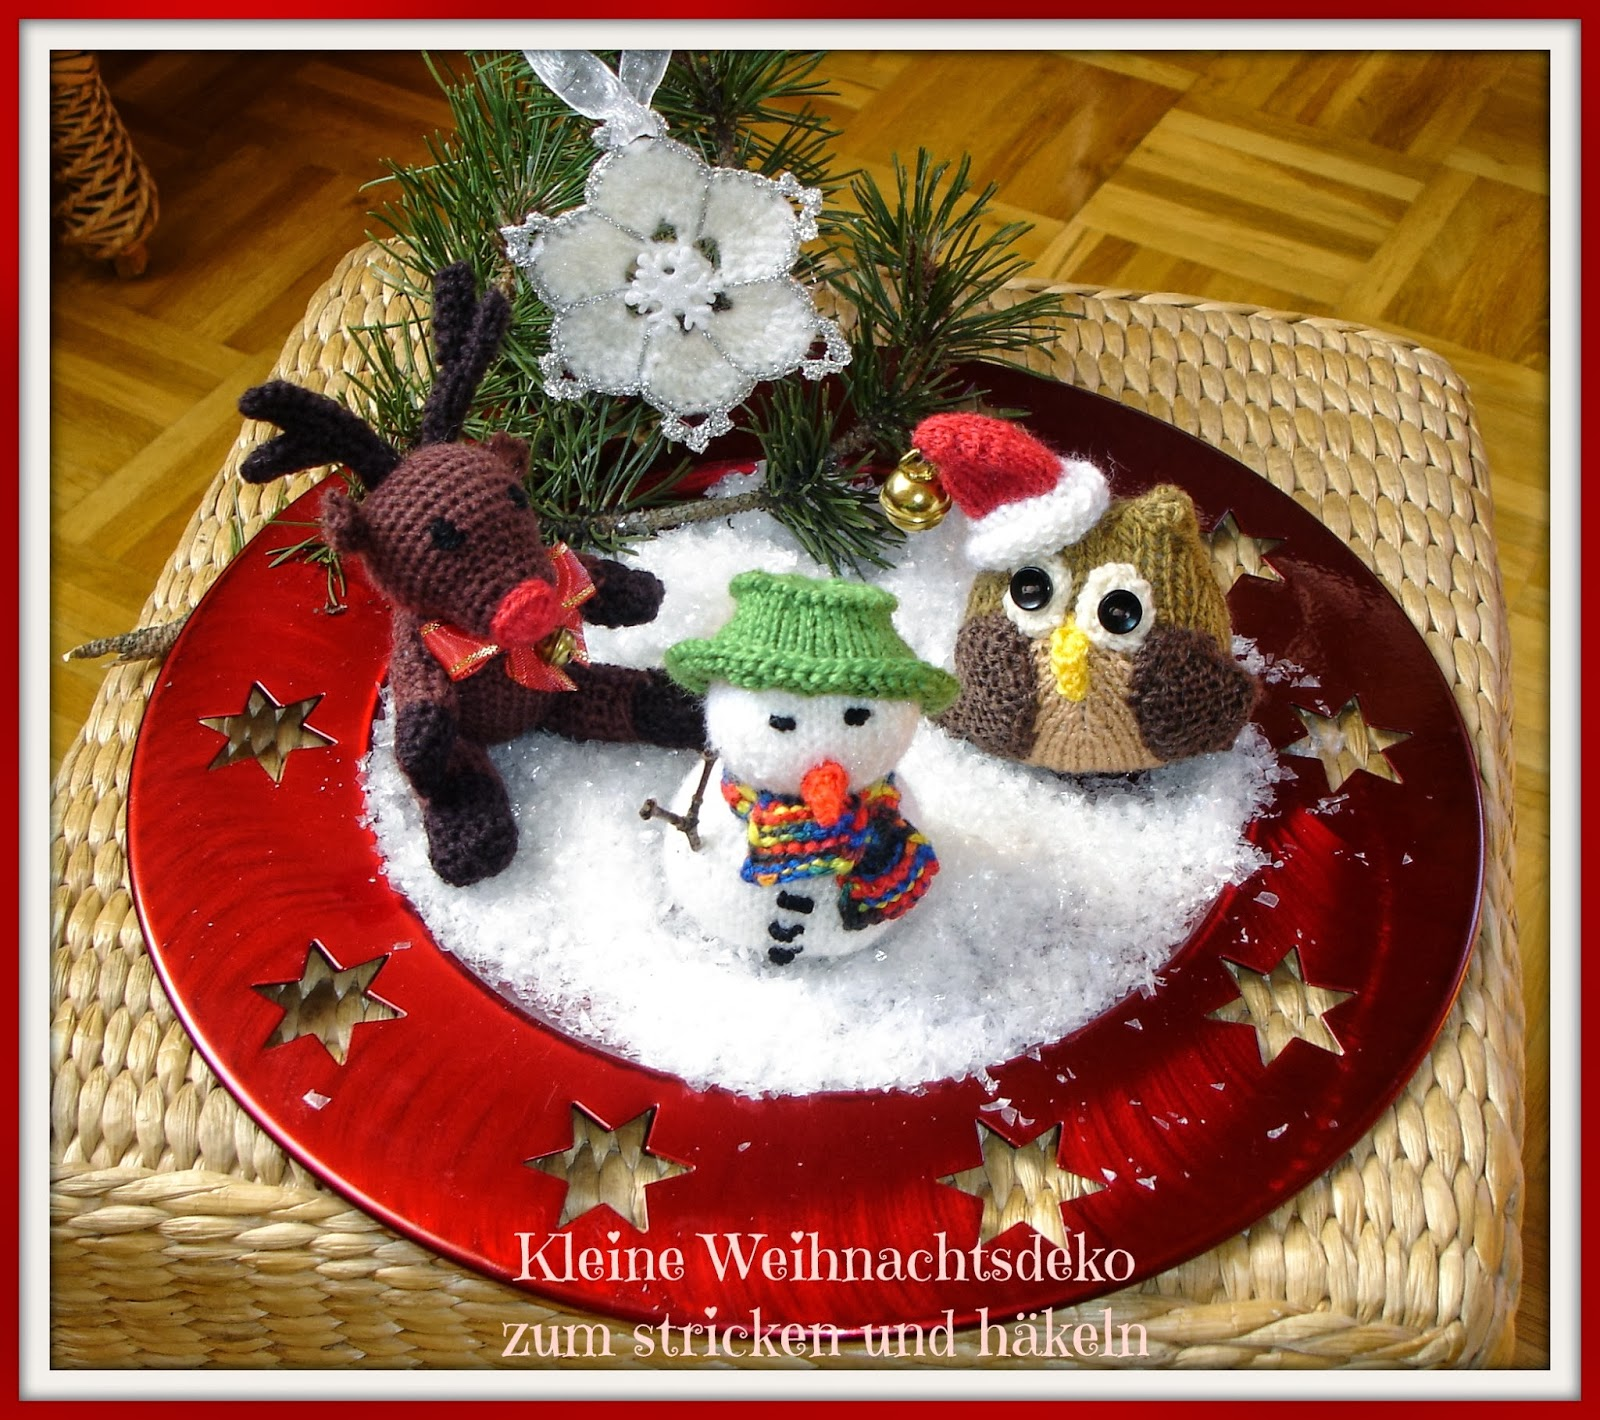 B cherkaffee handarbeits rezension gitta kleine - Weihnachtsdeko wohnung ...